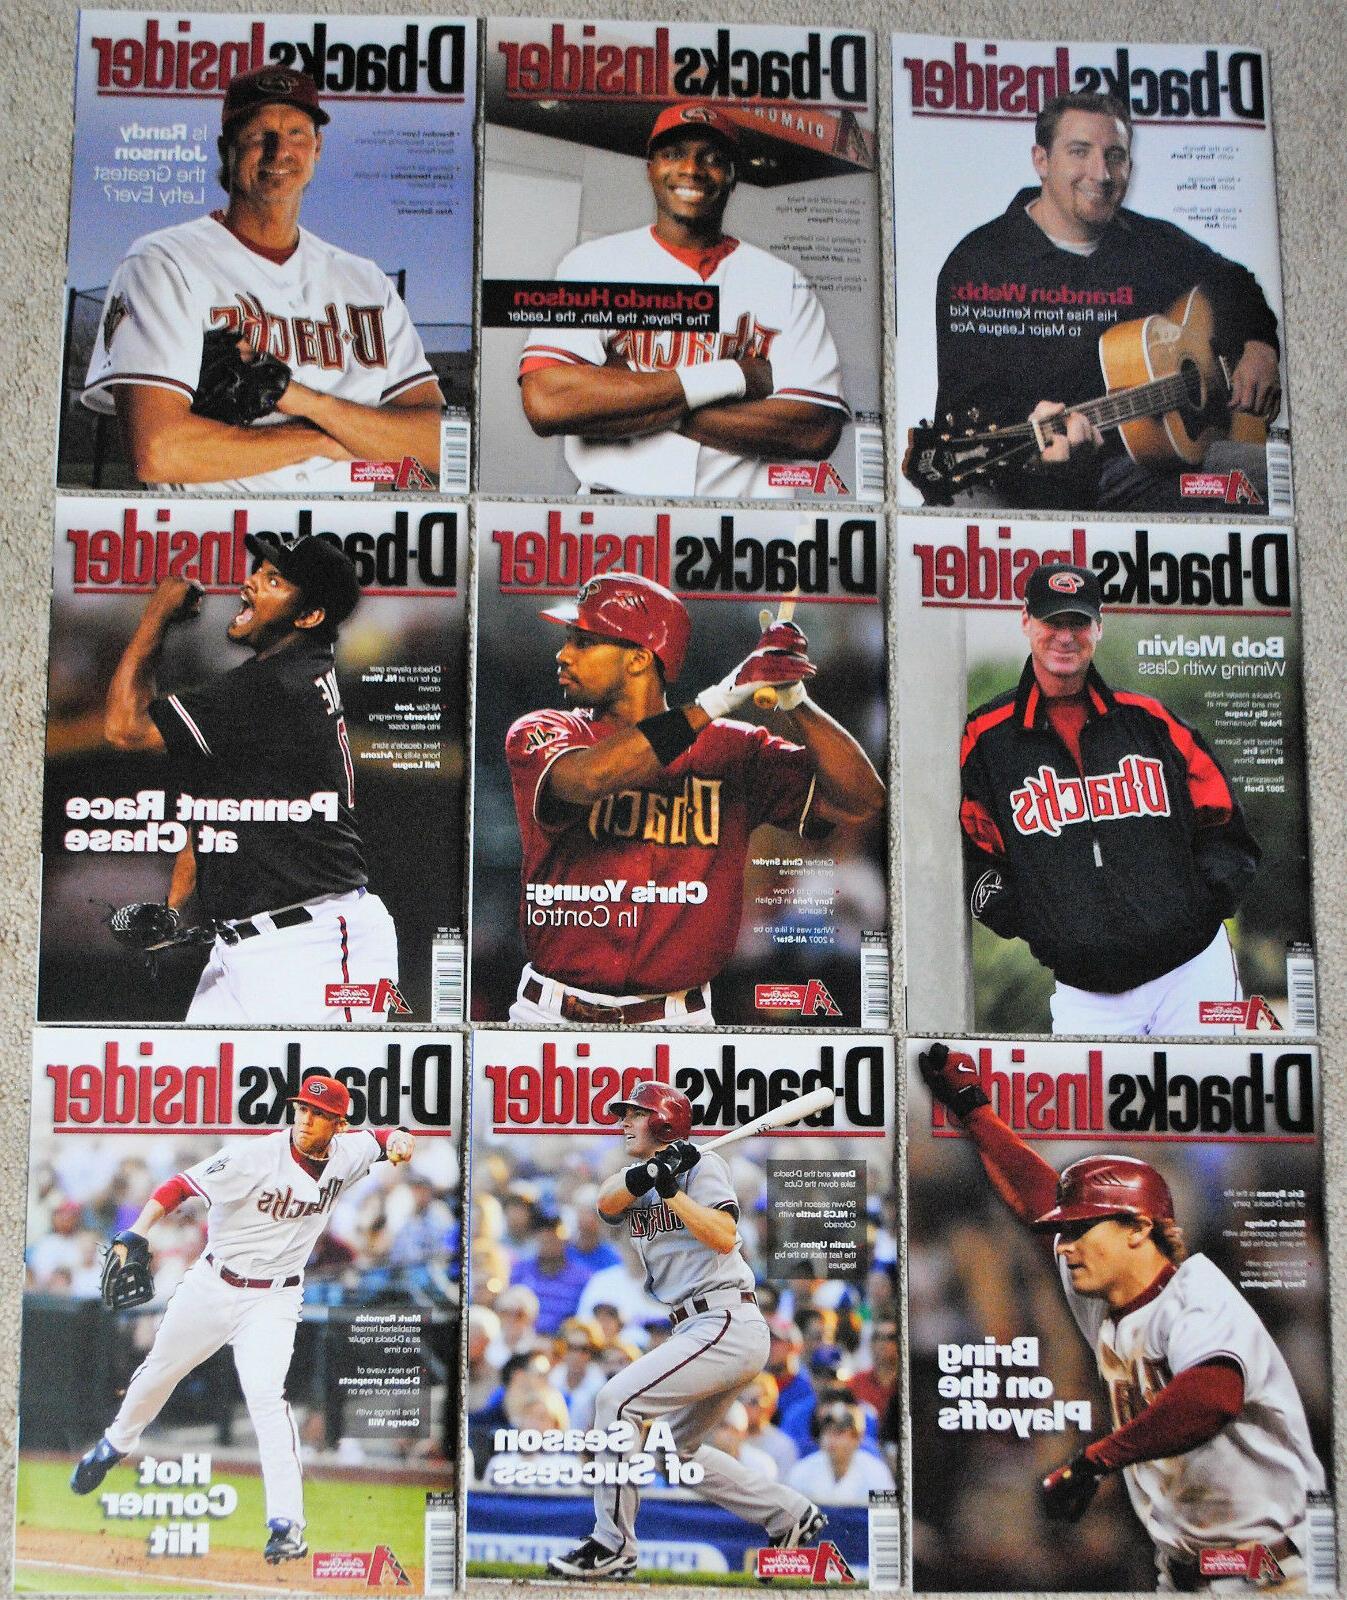 2007 arizona diamondbacks insider magazine dbacks mlb